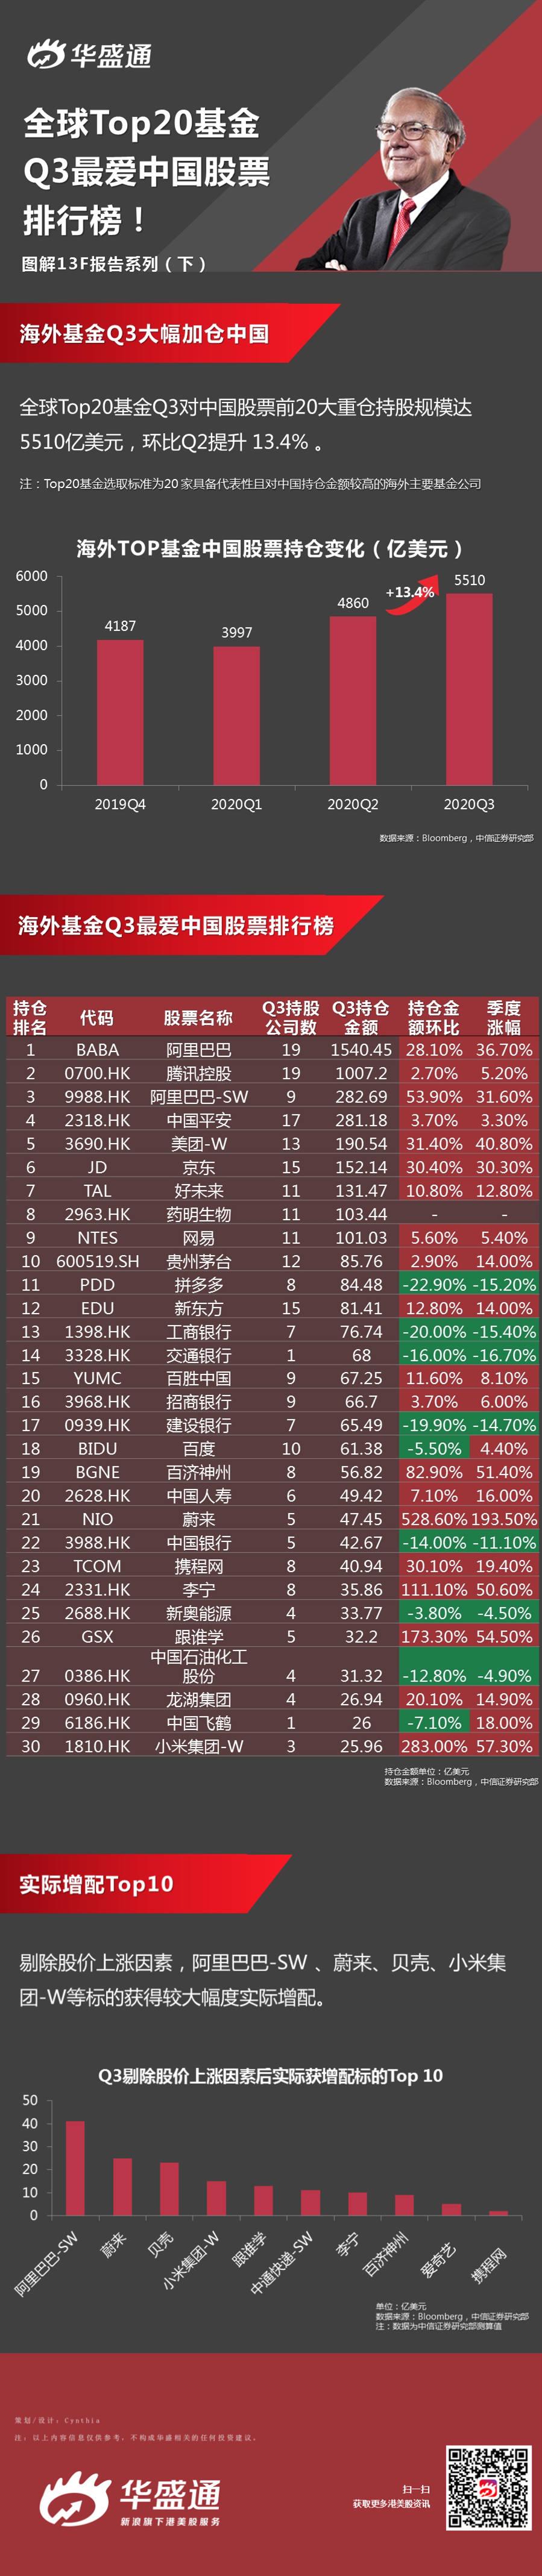 一图看懂 | 全球Top20基金Q3最爱中国股票排行榜!